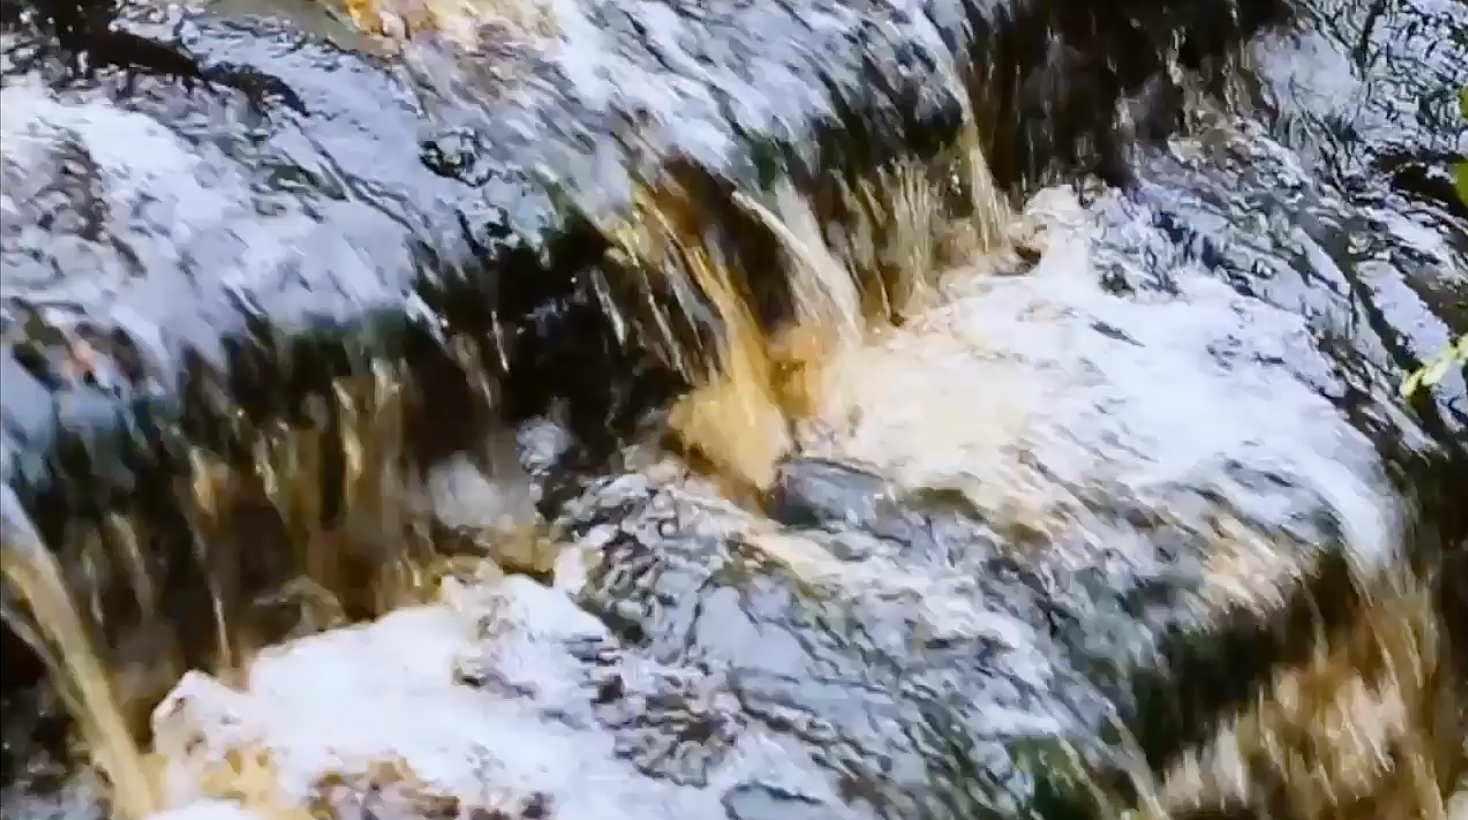 Peatland water color